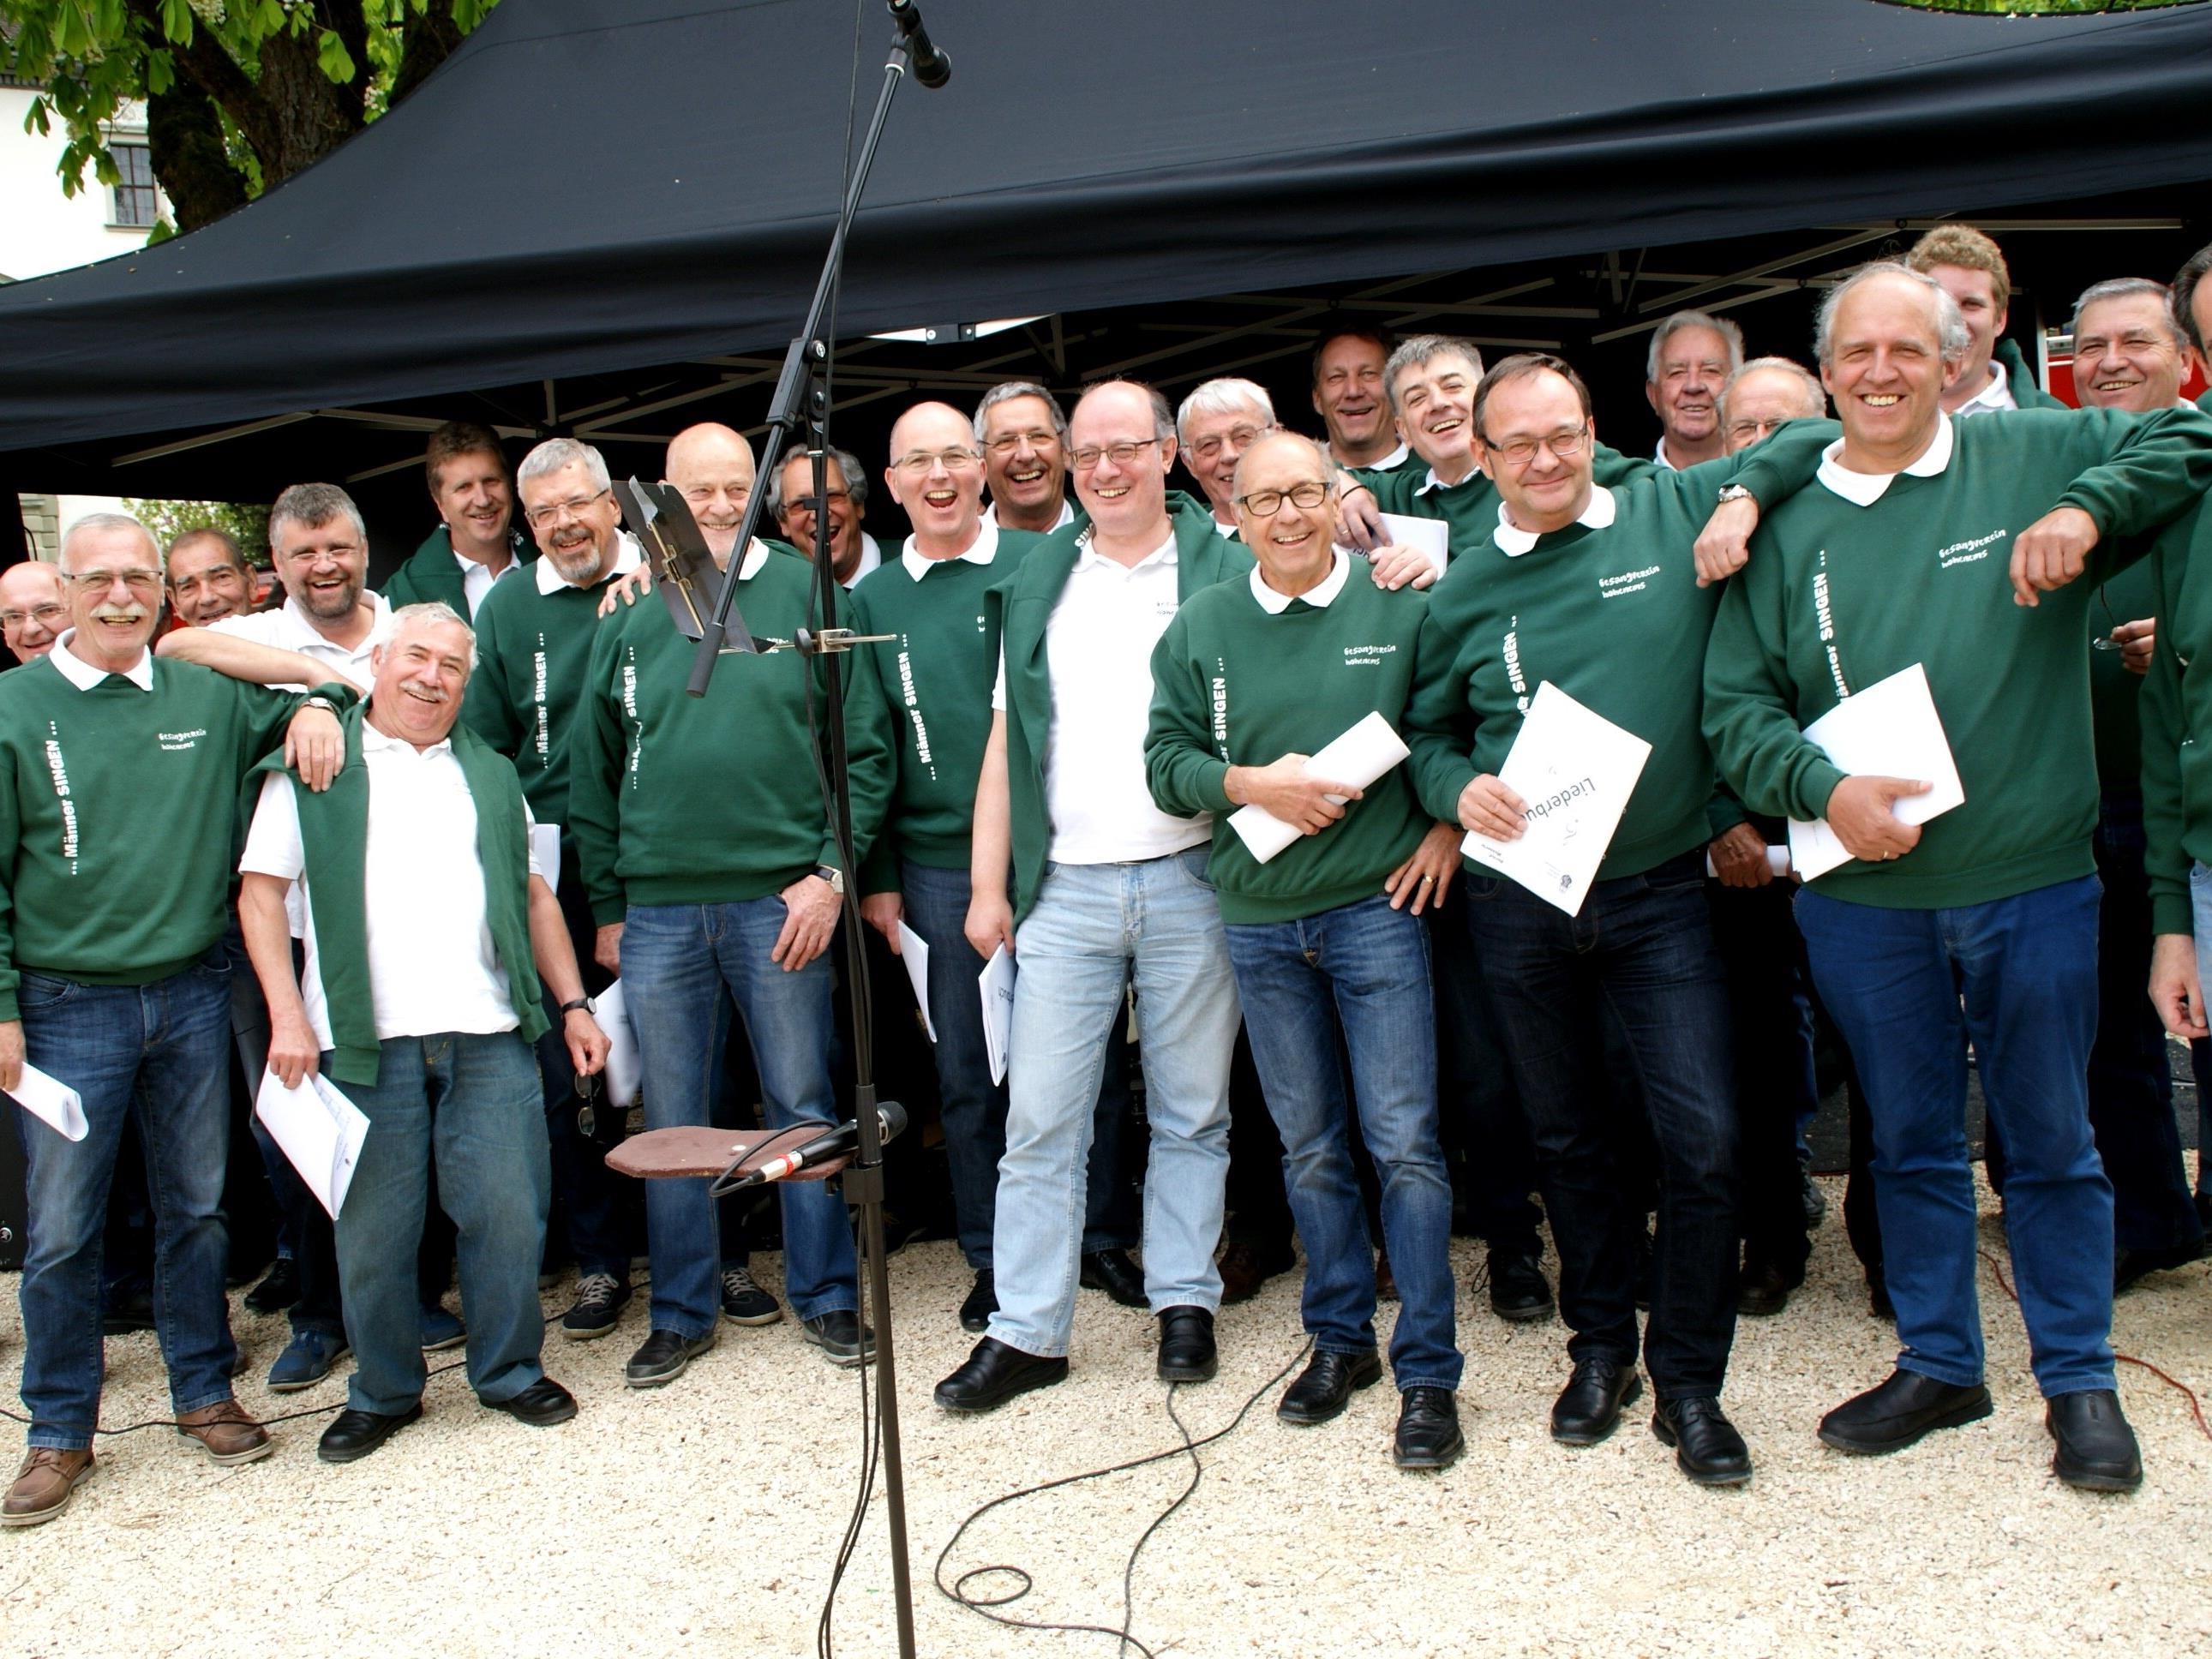 Die Sänger sorgten für musikalischen Hochgenuss am Schlossplatz